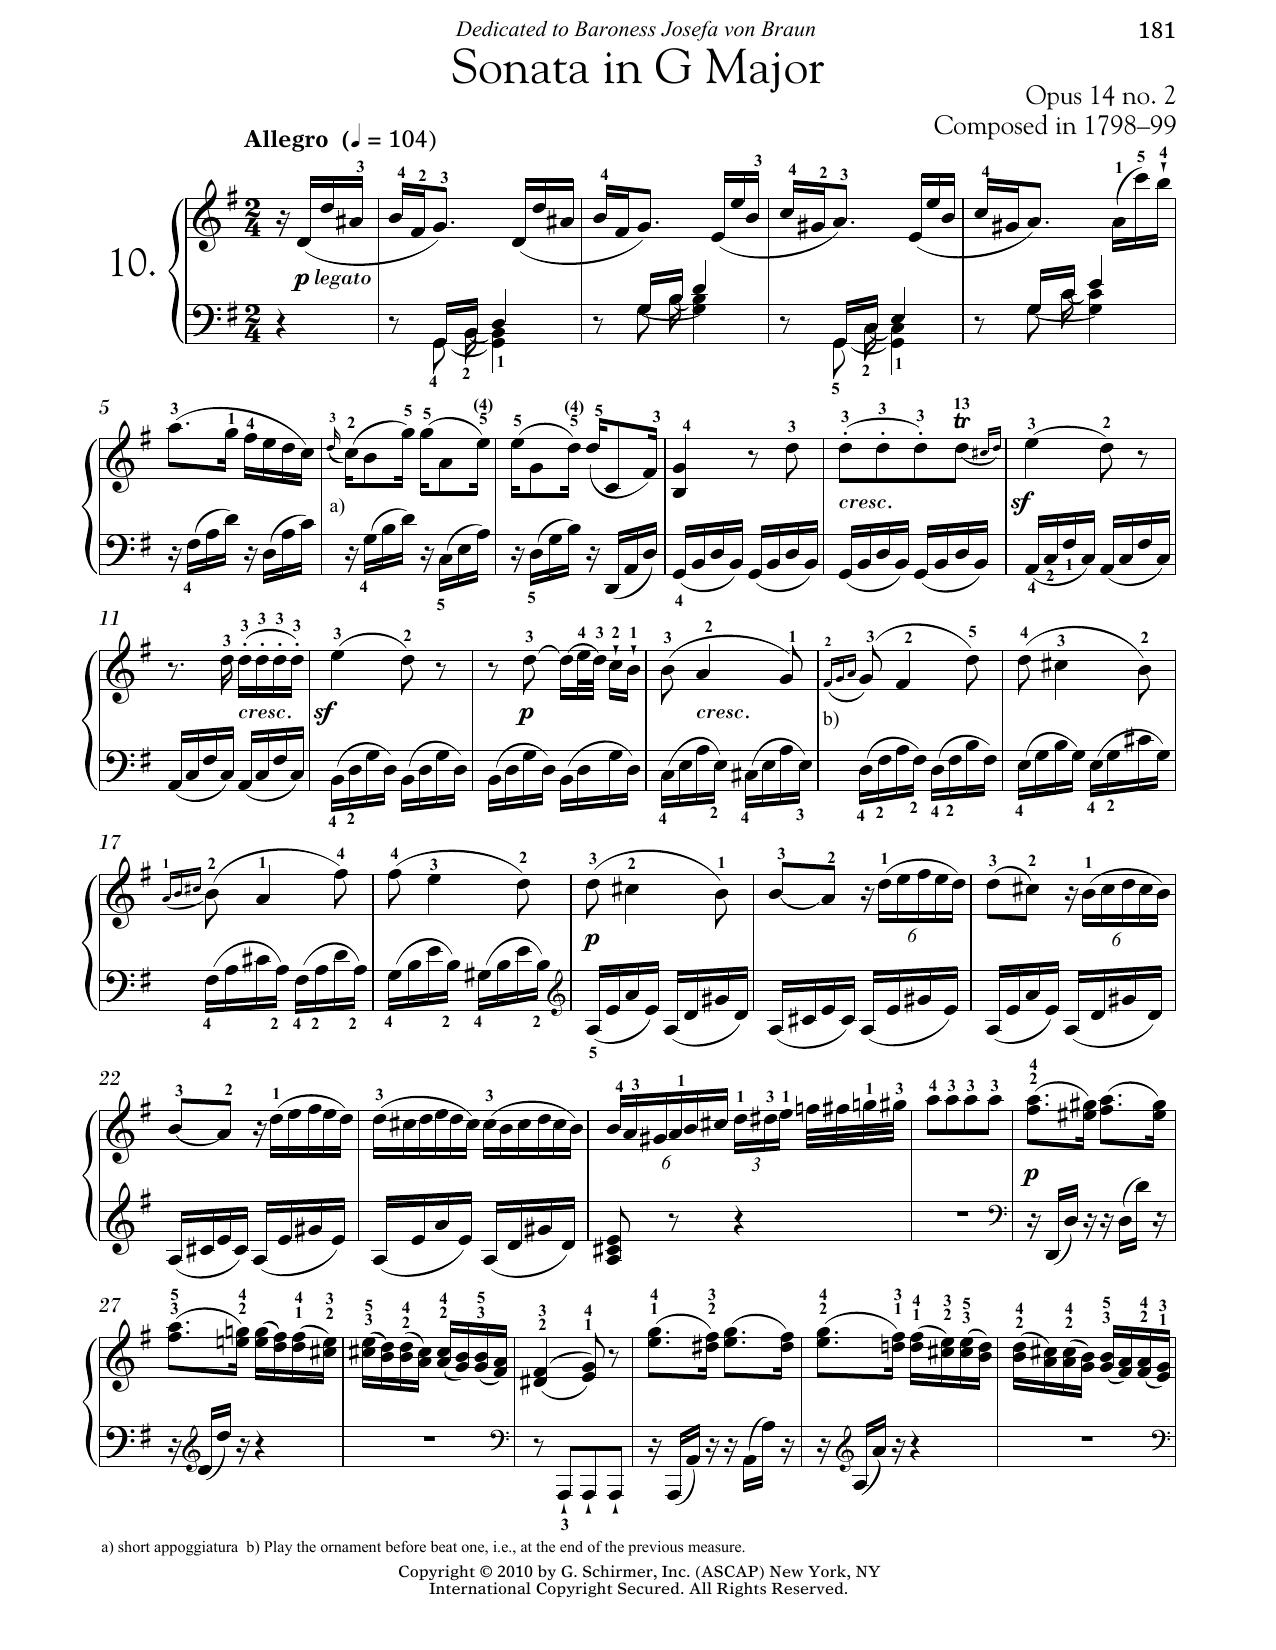 Ludwig van Beethoven Piano Sonata No. 10 In G Major, Op. 14, No. 2 sheet music notes and chords